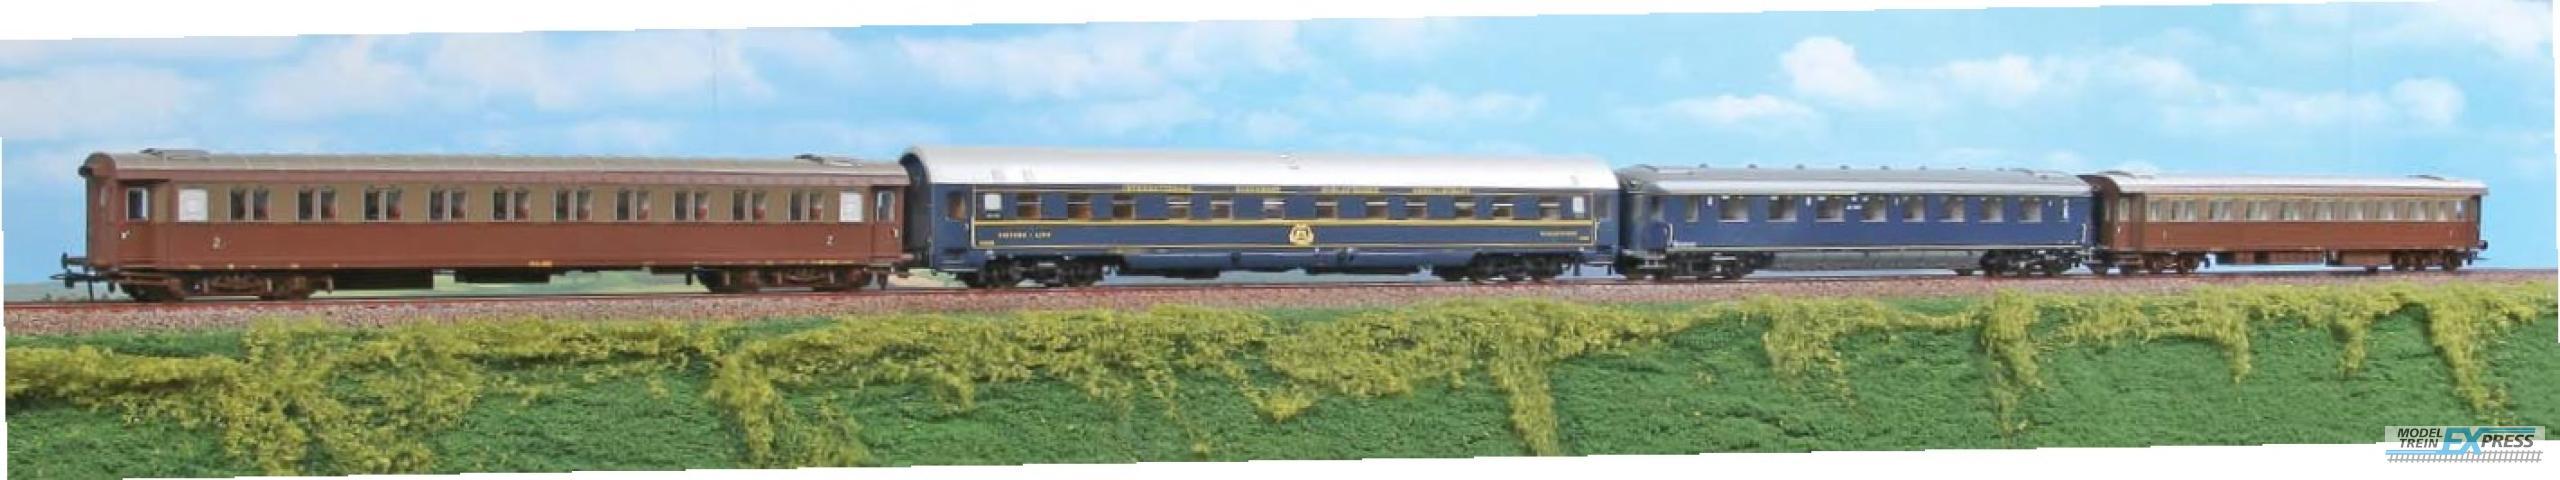 ACME 55094